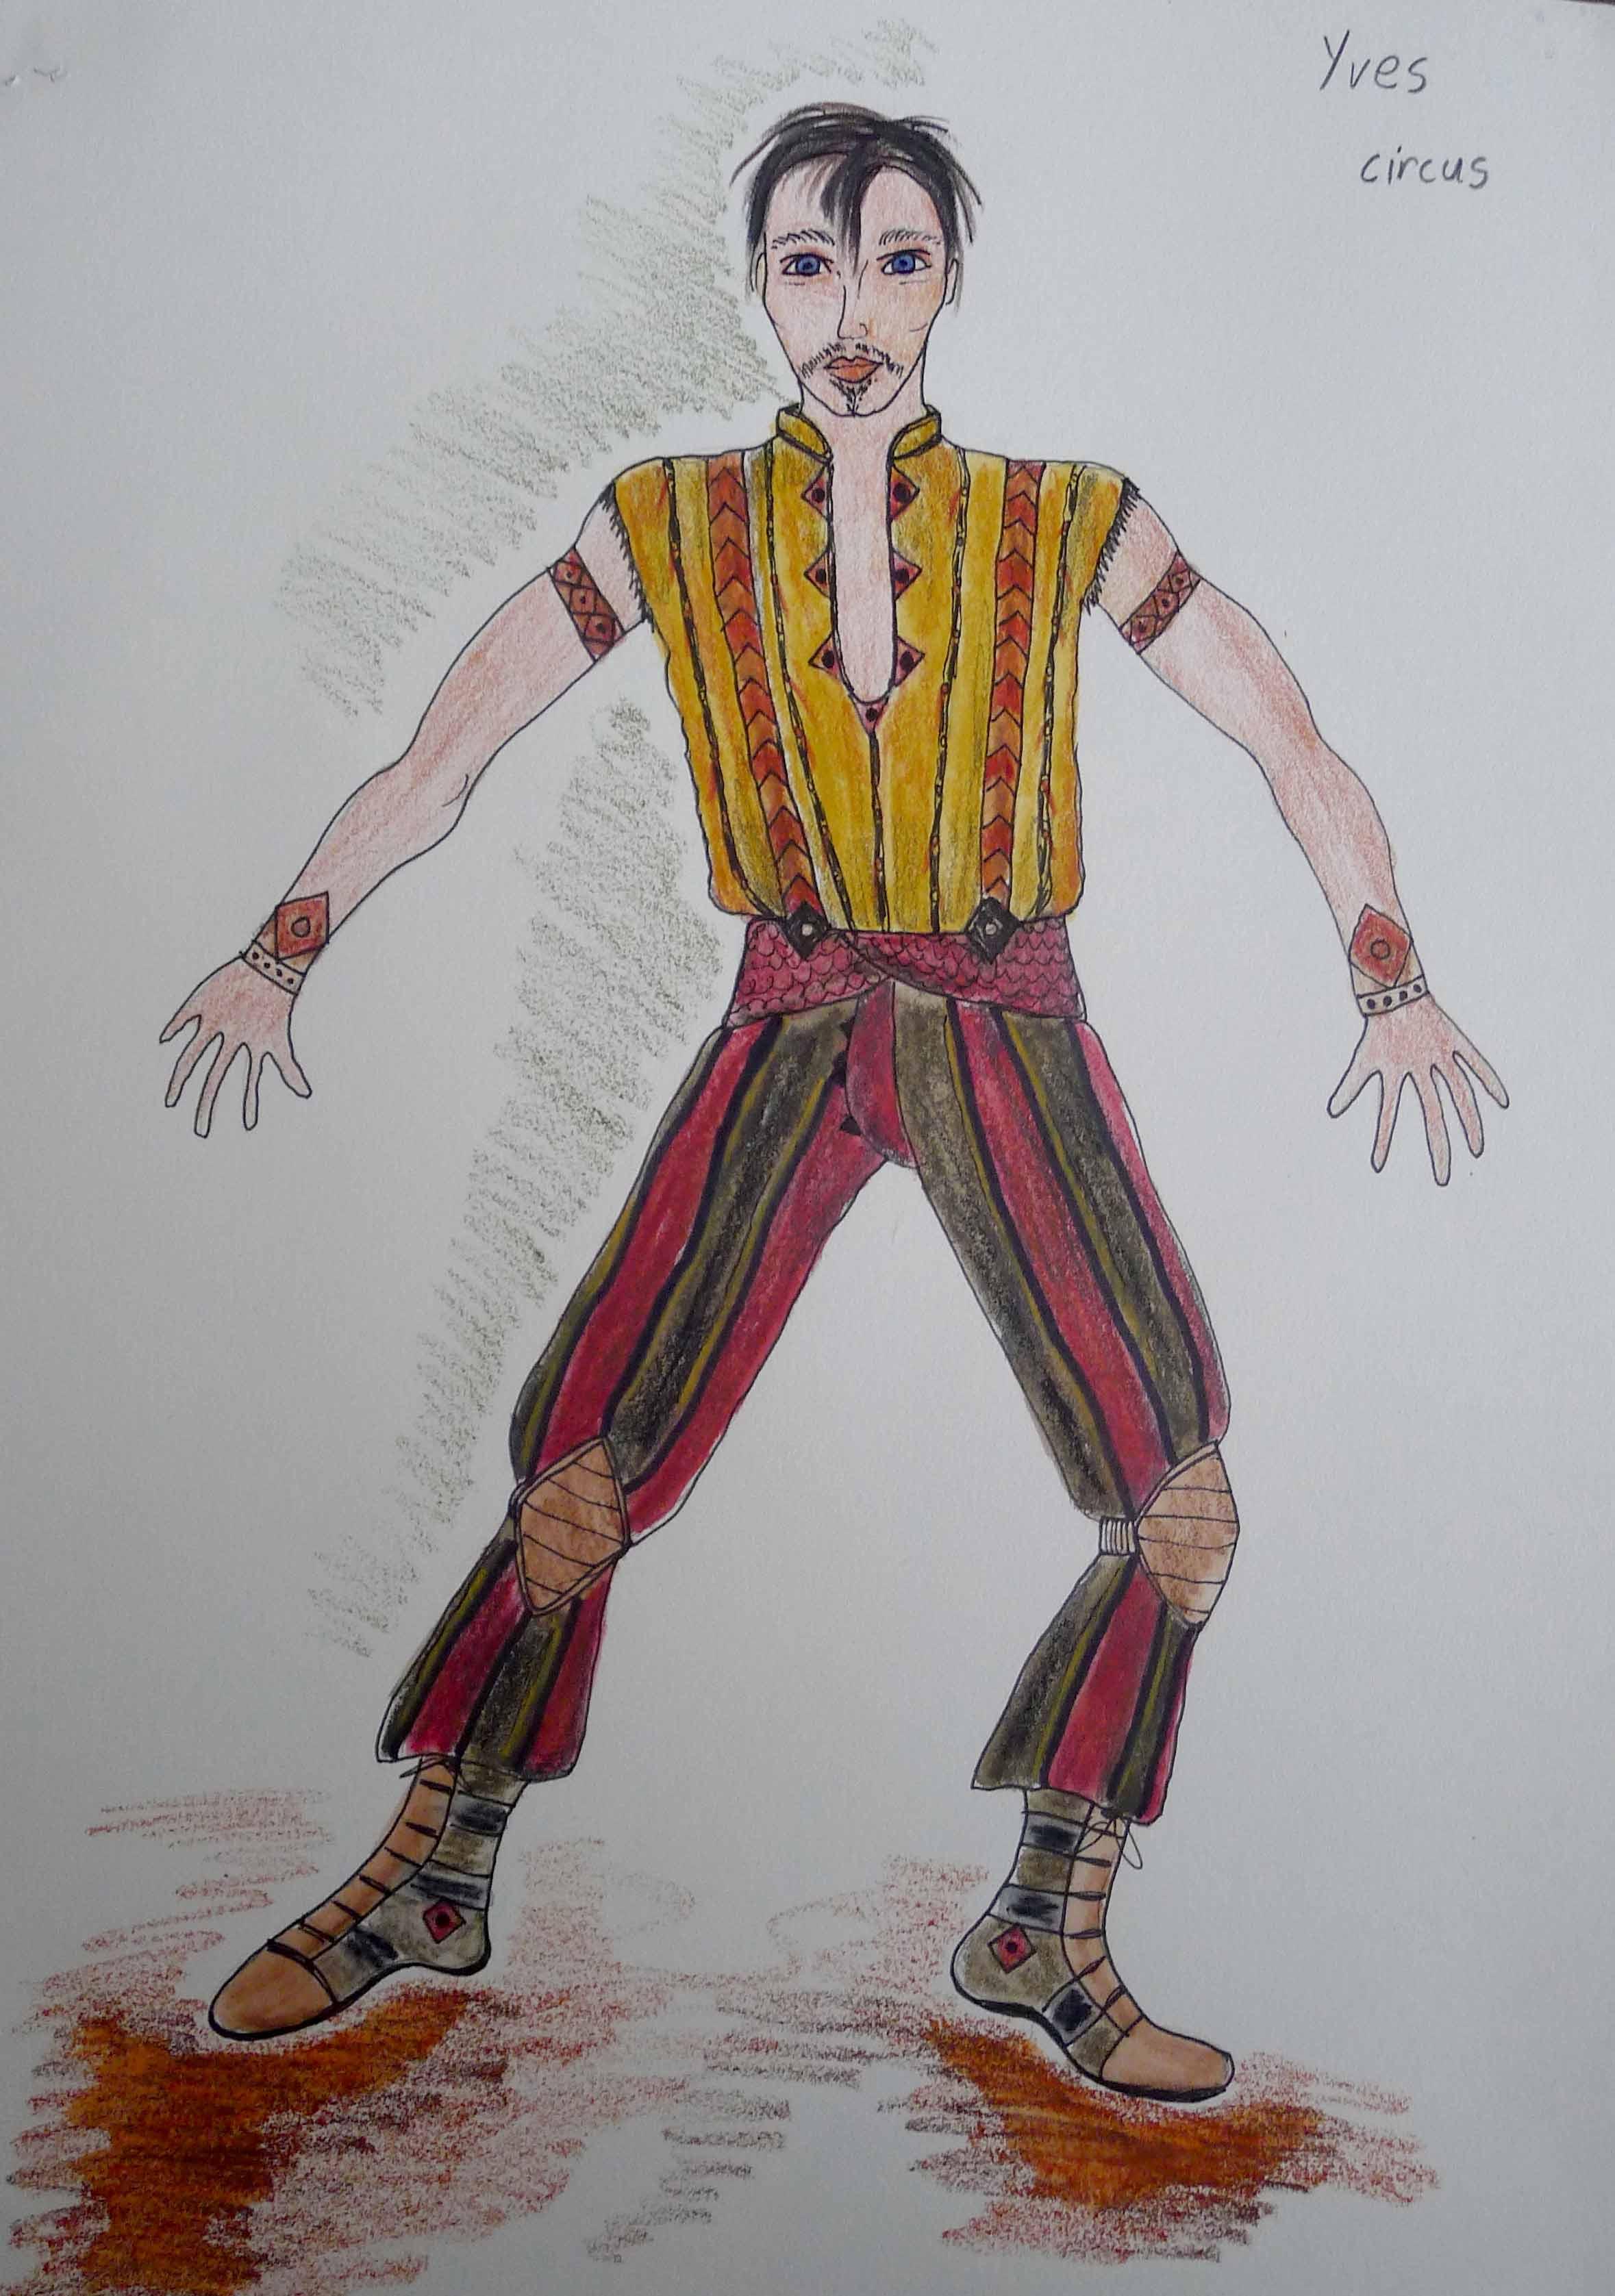 Yve in circus costume